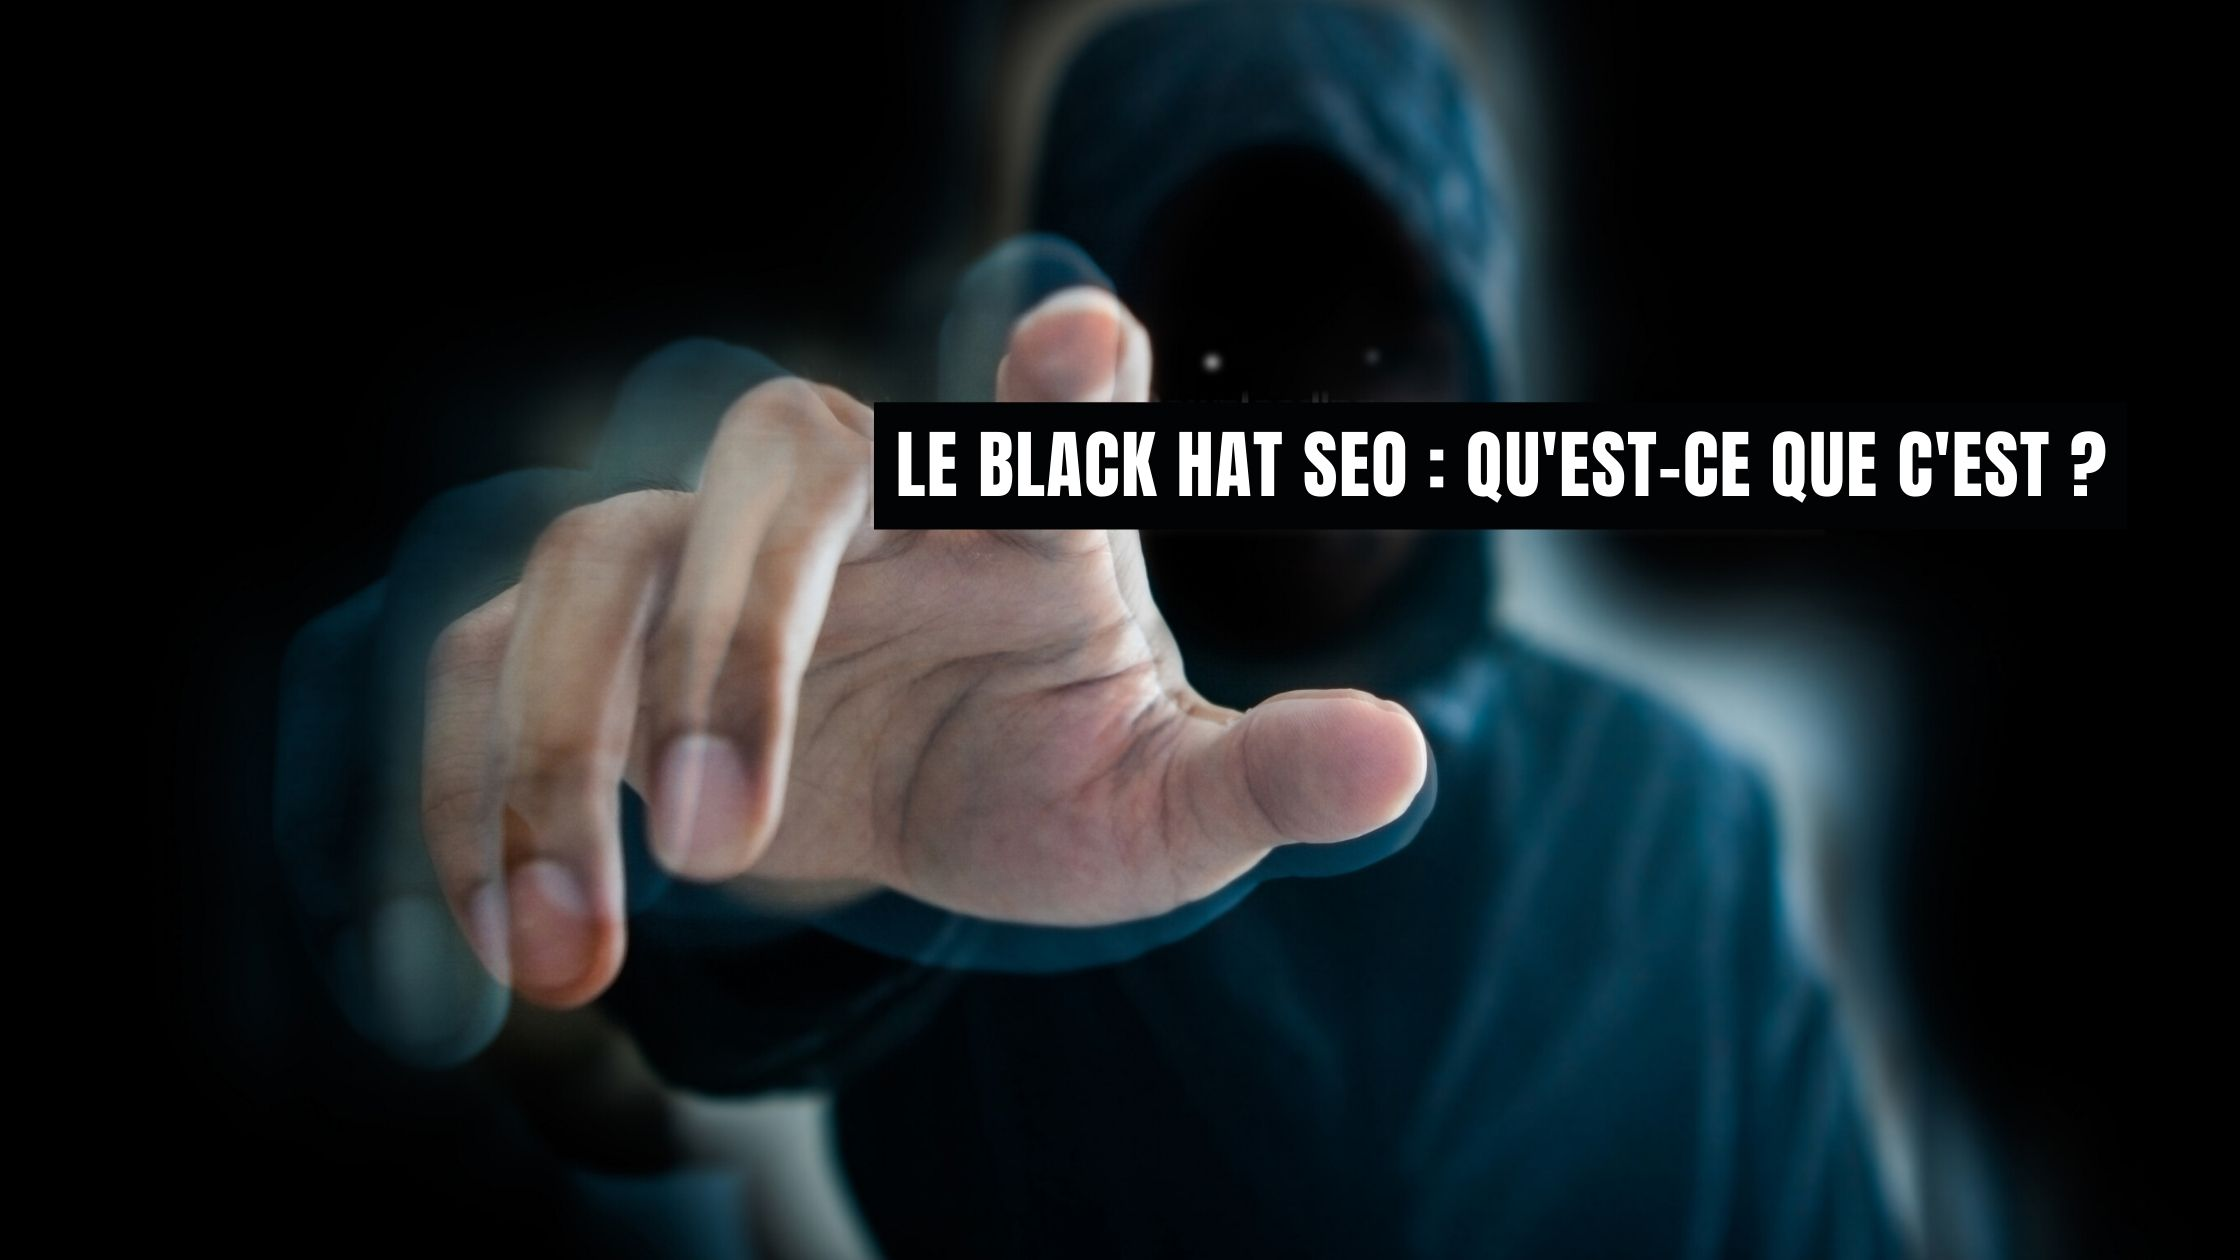 Qu'est-ce que le black hat SEO